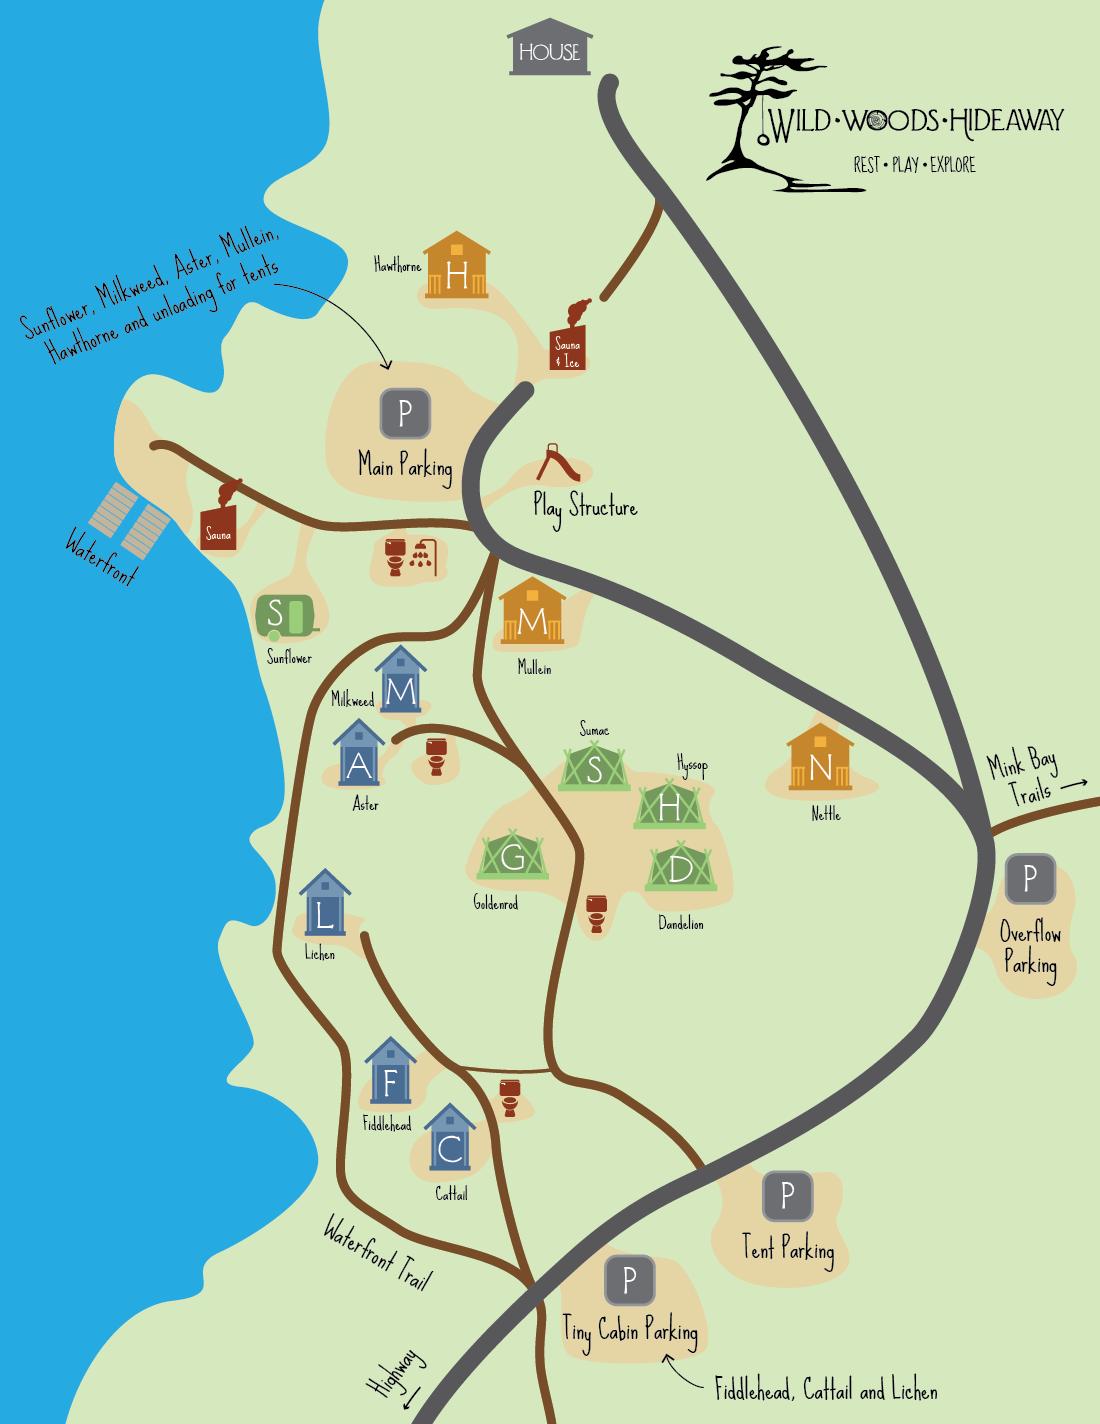 Wildwoods Hideaway Grounds Map